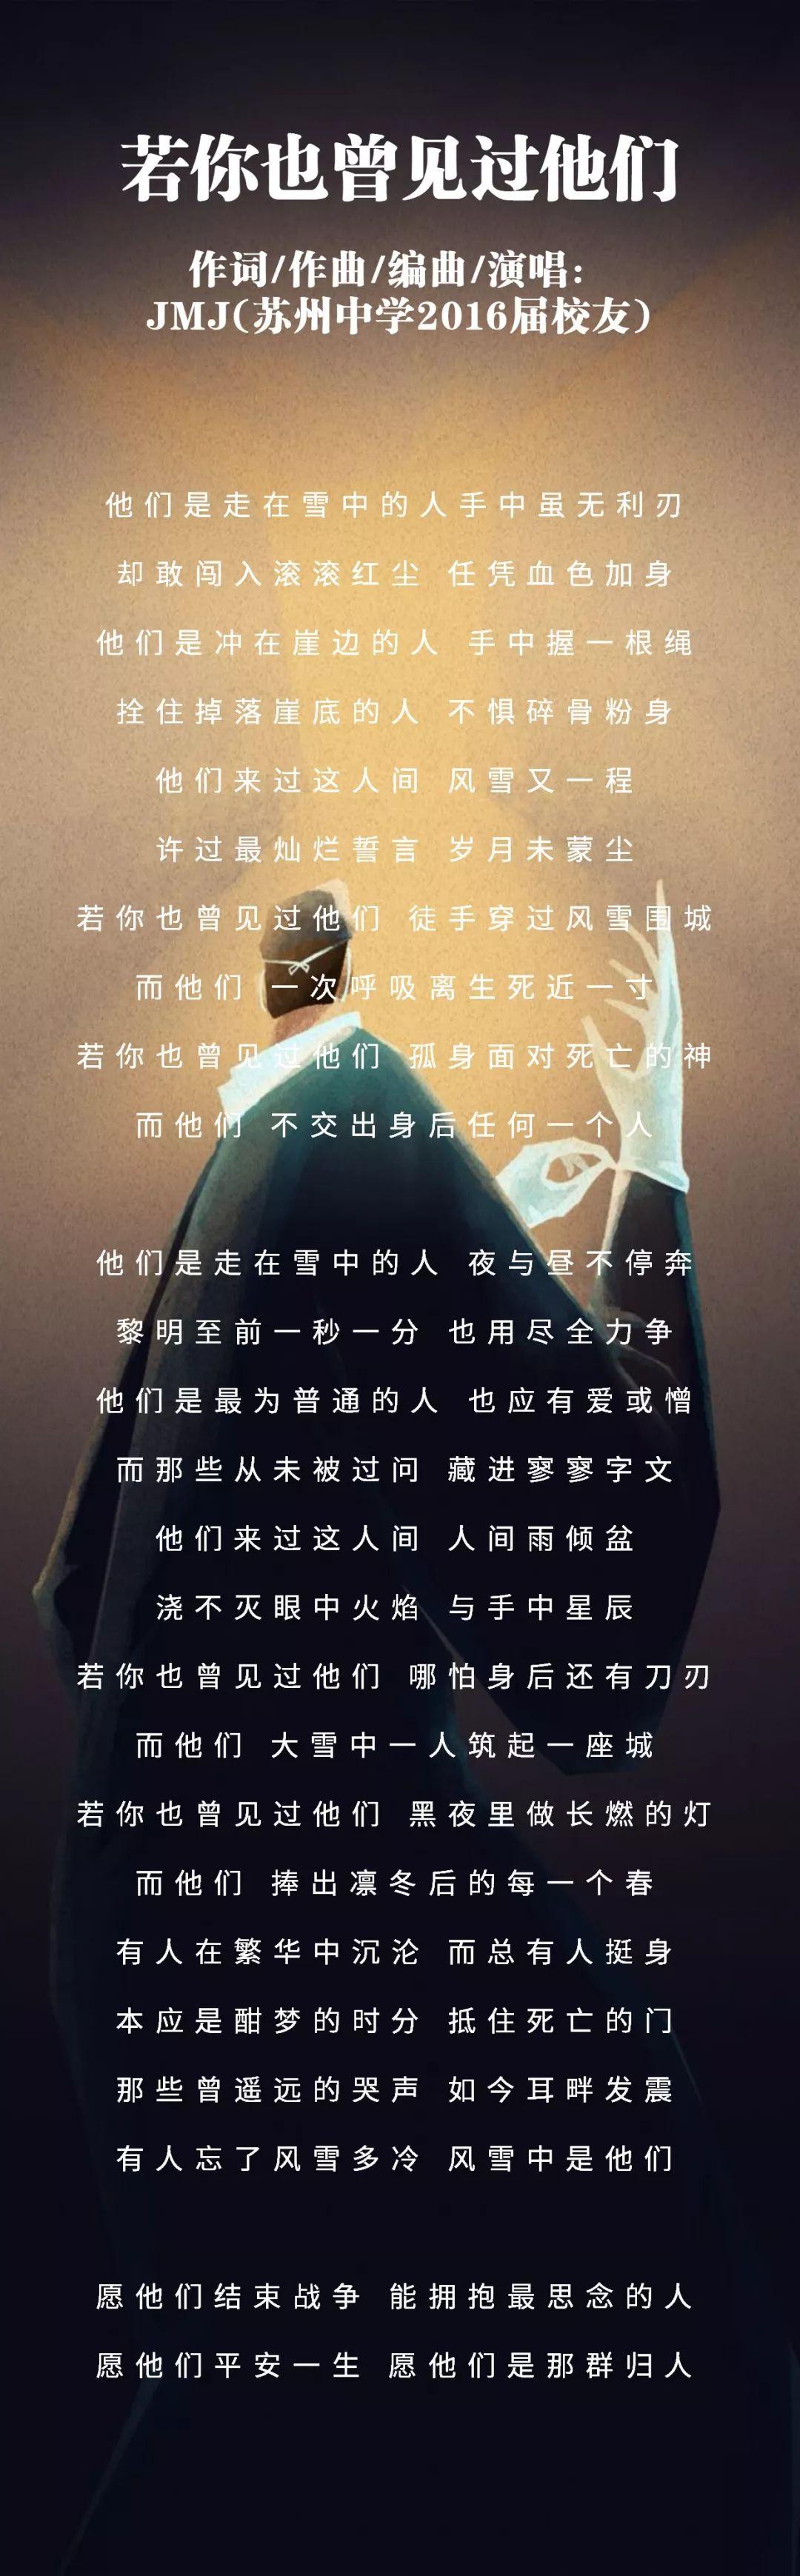 【百城联唱】|苏州&衢州《若你也曾见过他们》致敬疫情一线全体医护人员(三十三)